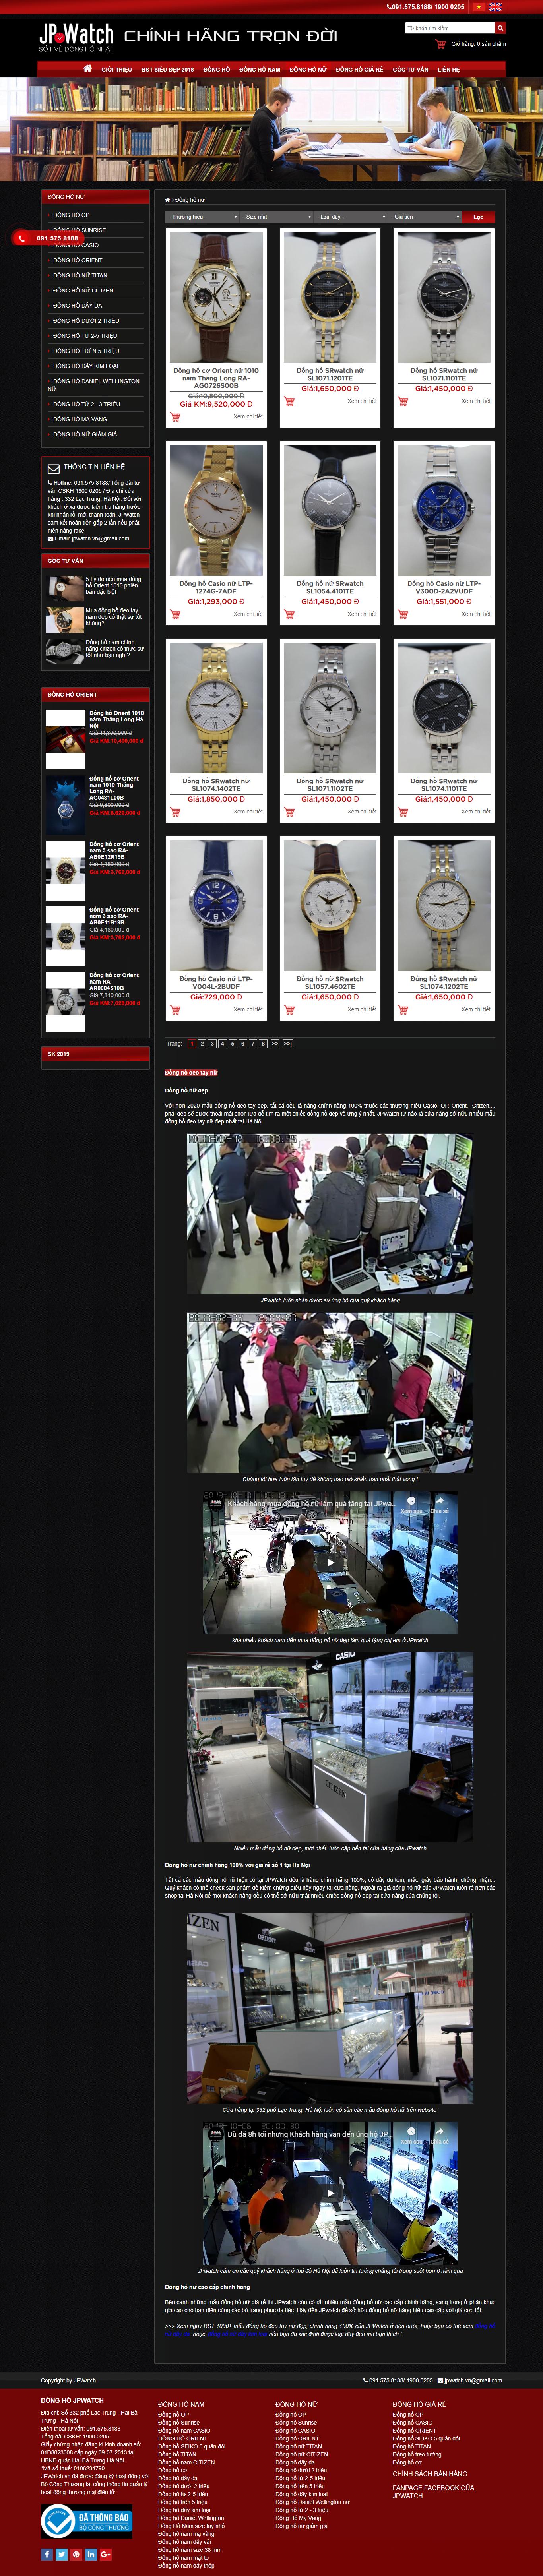 Mẫu thiết kế website bán hàng – jpwatch.vn 2020 Đồng Hồ Đeo Tay Nữ Đẹp, Chính Hãng Nhật Bản, Giá Rẻ Số 1